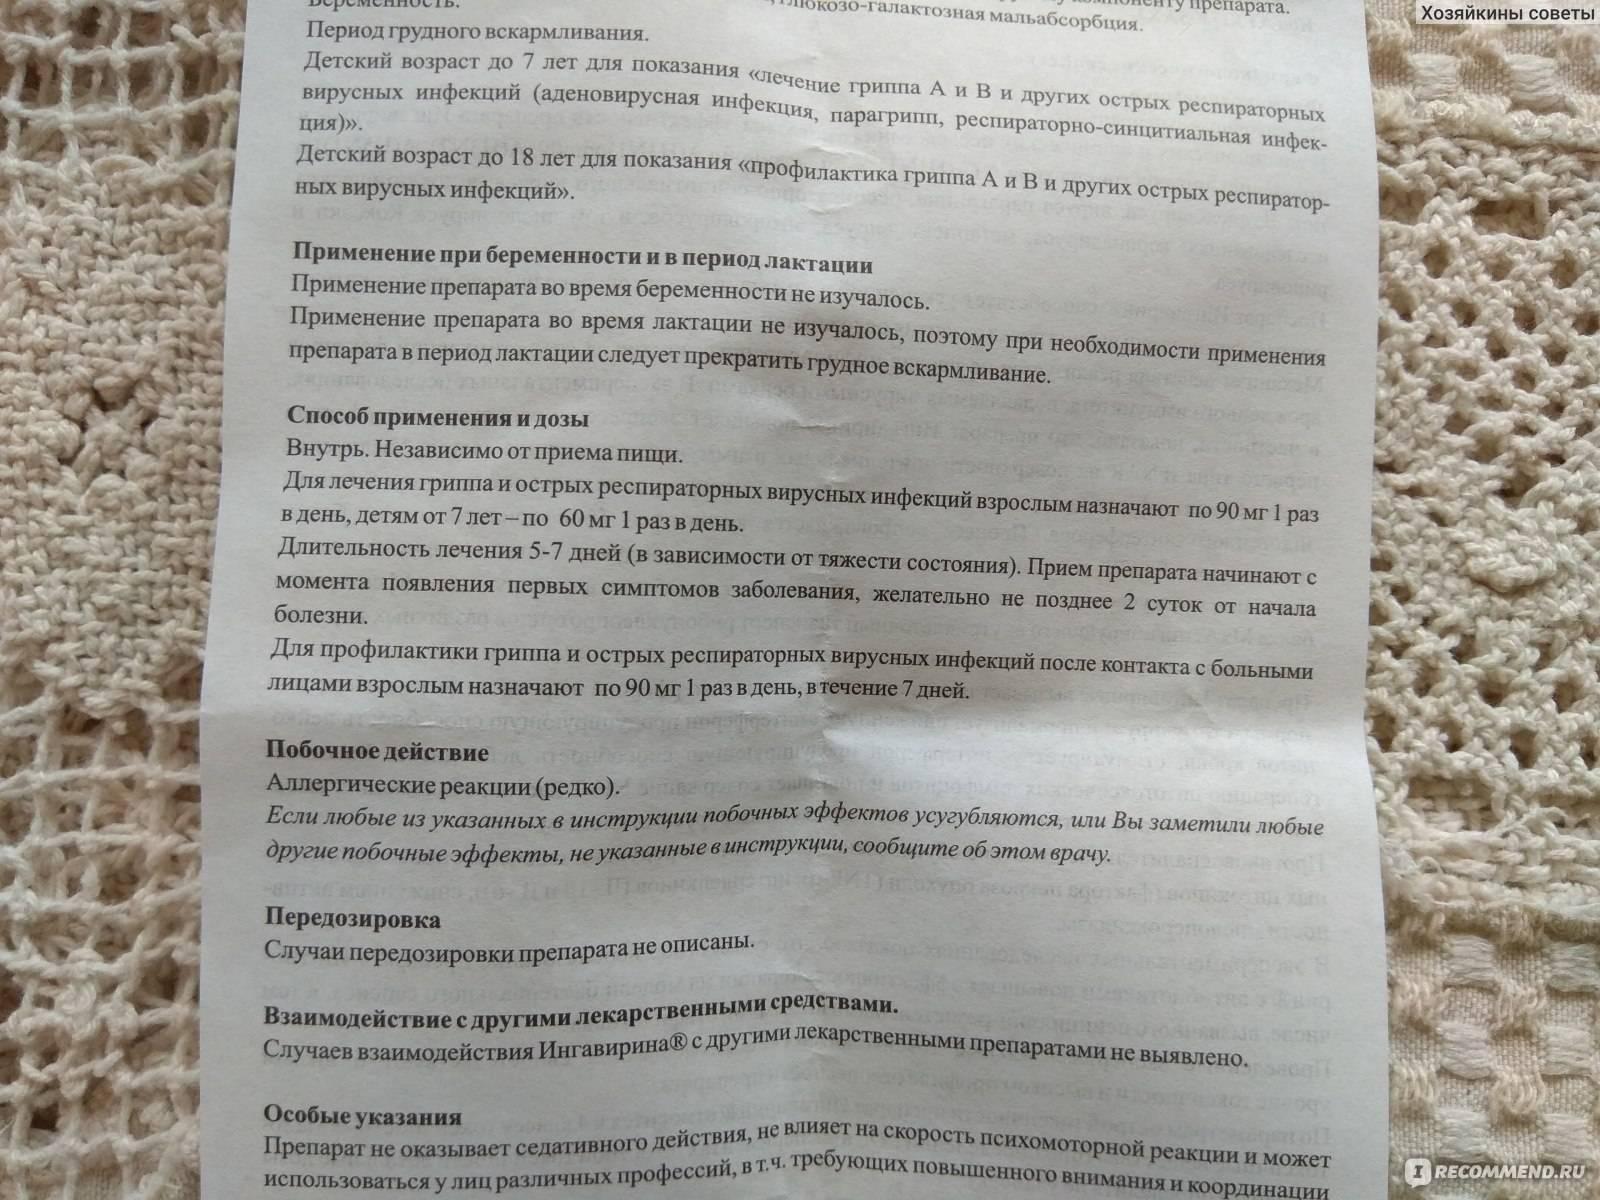 Ингавирин 90 для детей и взрослых